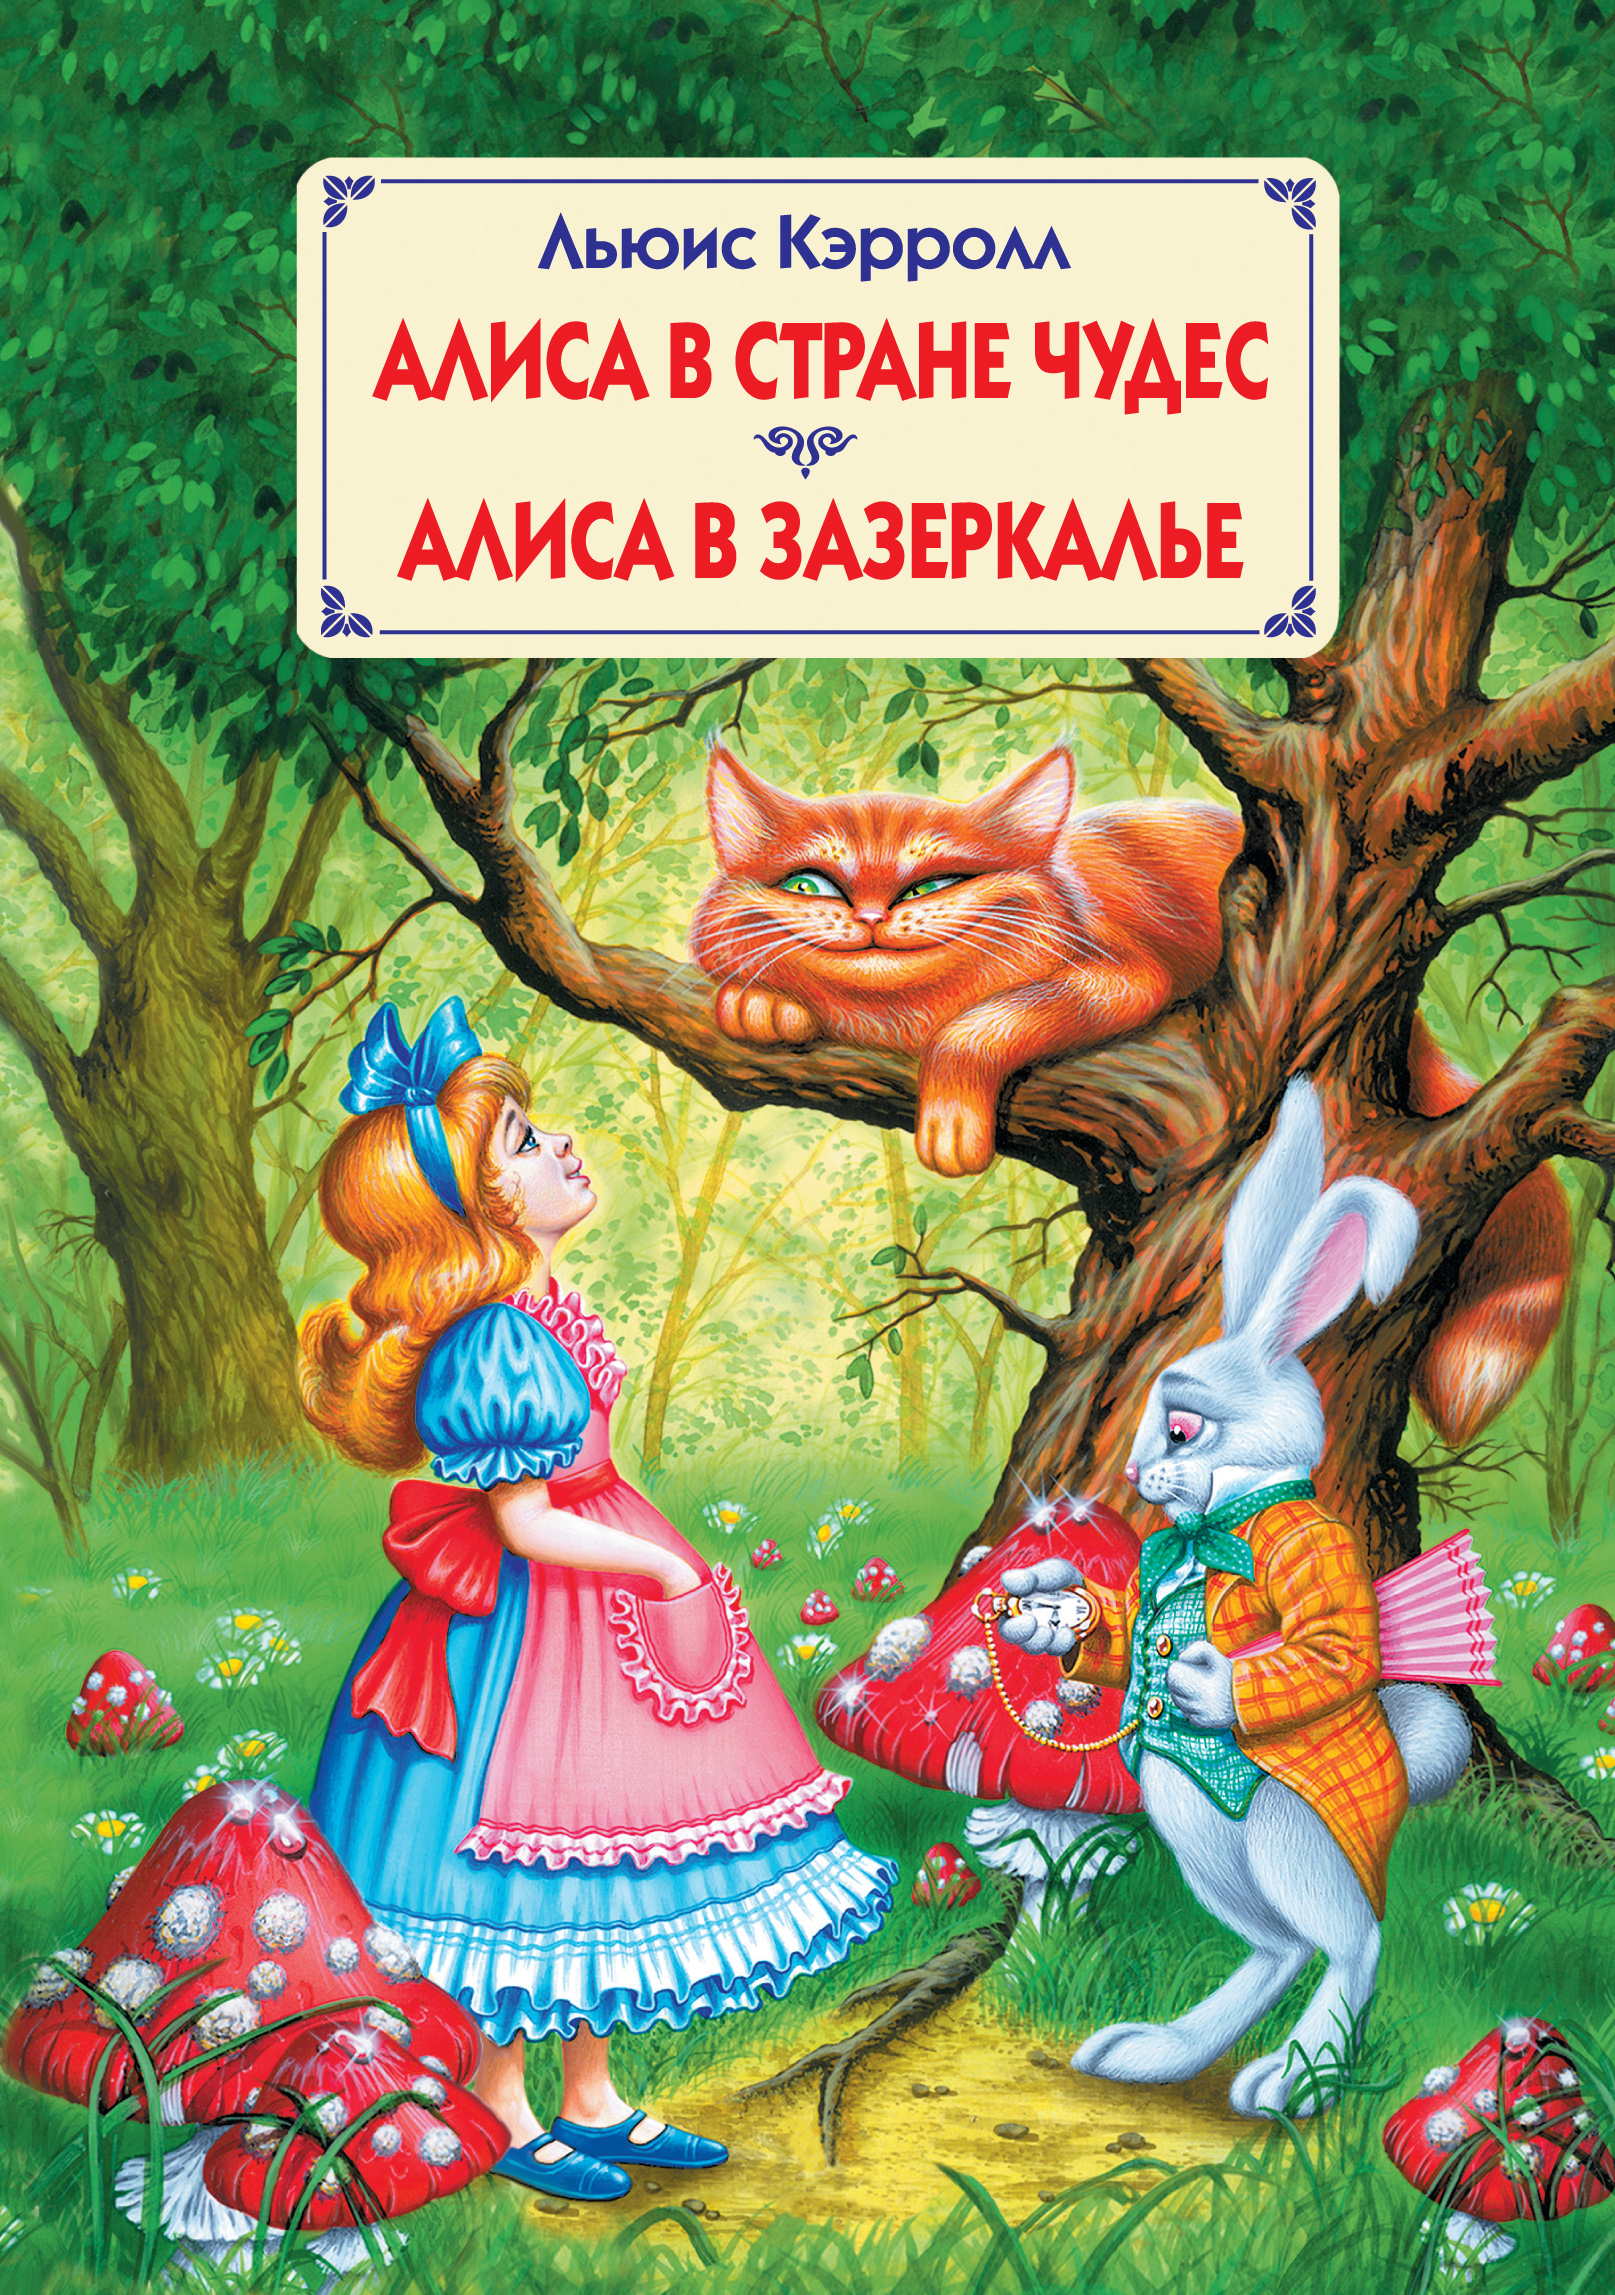 Льюис Кэрролл. Алиса в Стране Чудес. Алиса в Зазеркалье